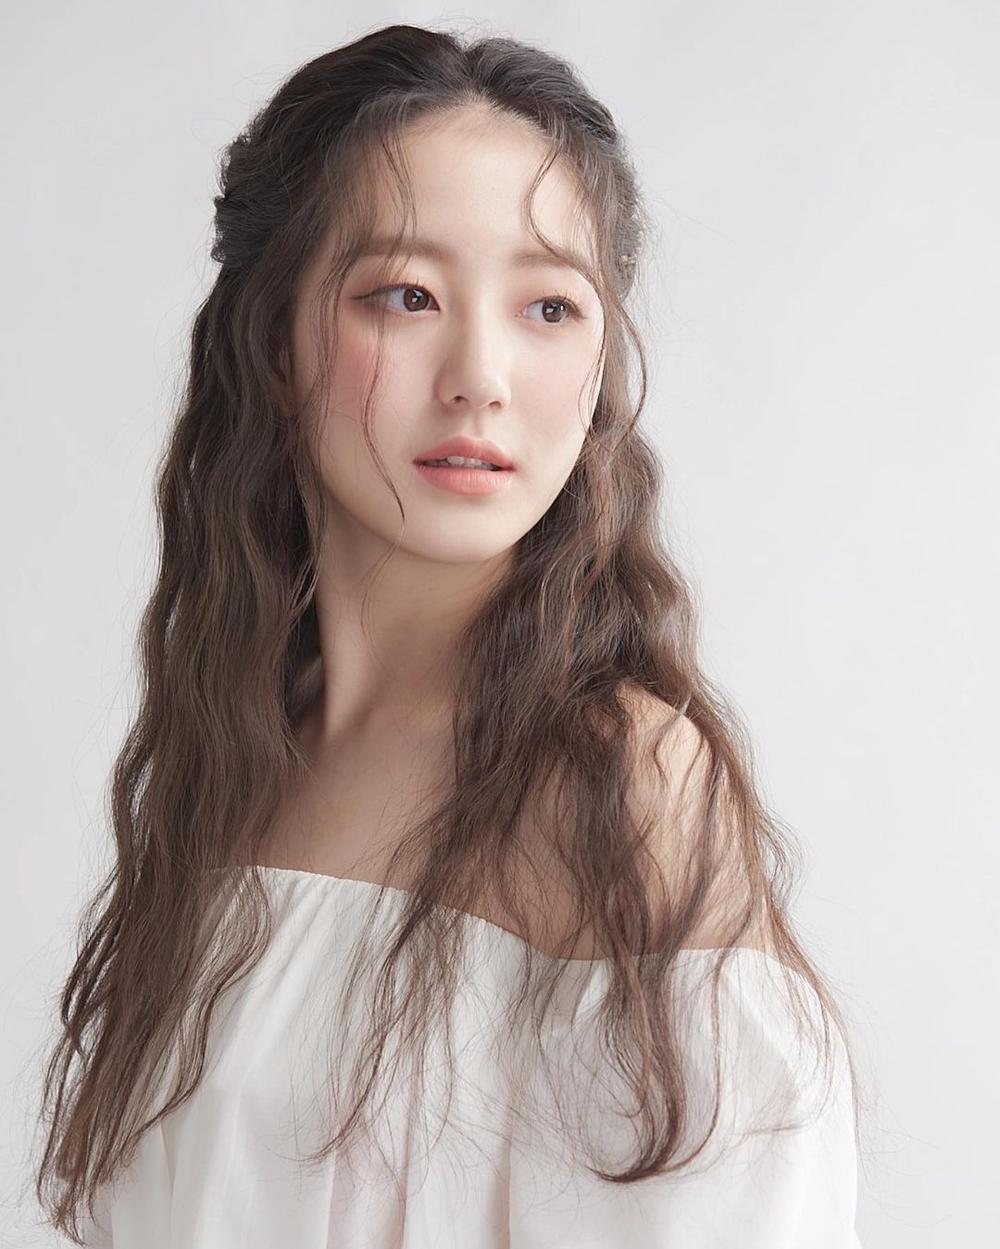 Á hậu 'chặt đẹp' nhan sắc Tân Hoa hậu Hàn Quốc 2020: Người tựa nàng thơ, kẻ như 'quái vật thẩm mỹ' Ảnh 17